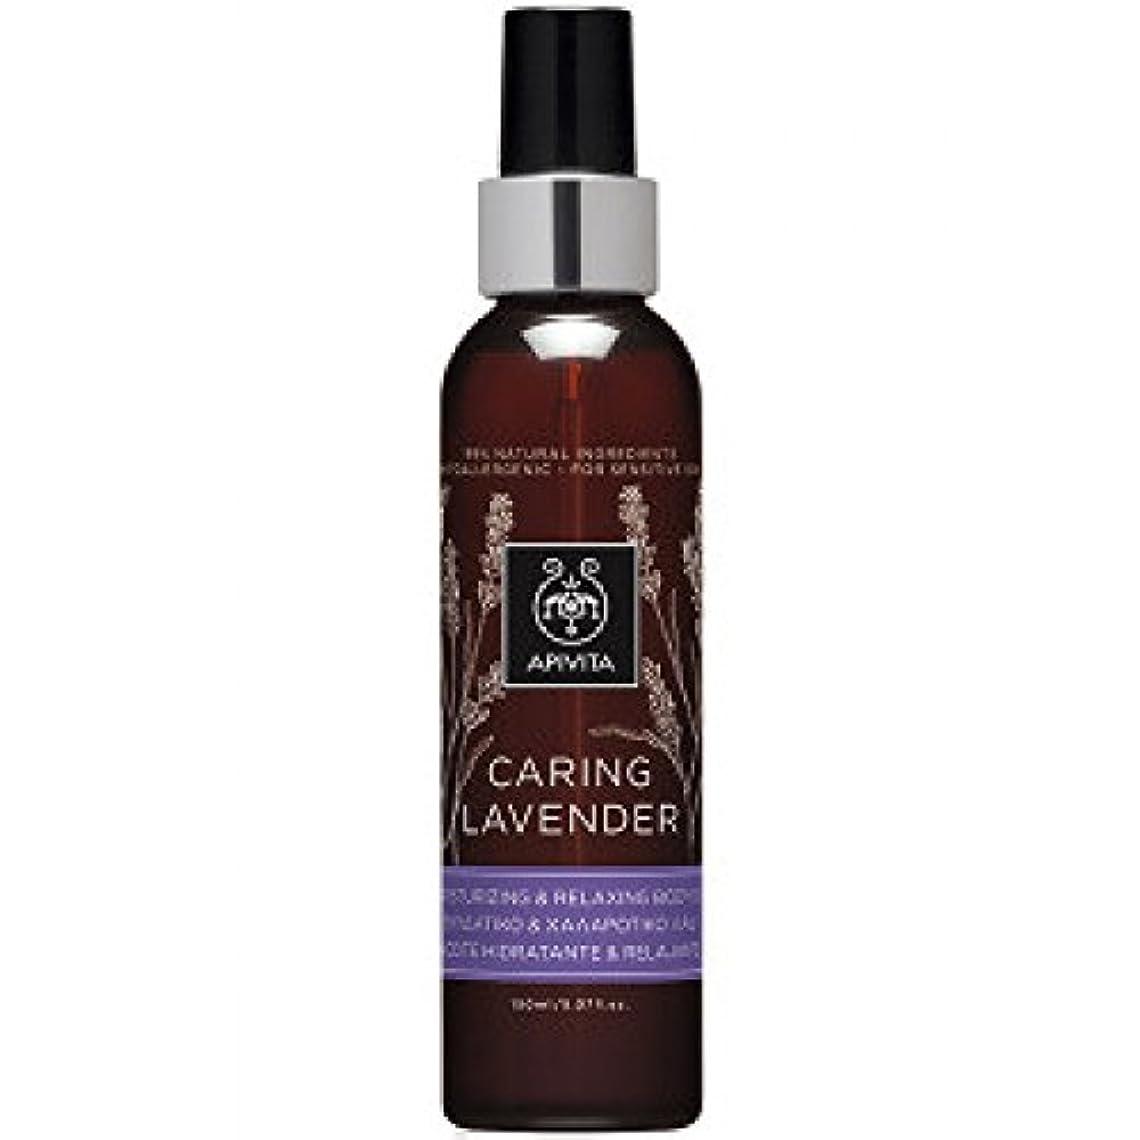 ドアミラートランスミッションホースアピヴィータ Caring Lavender Moisturizing & Relaxing Body Oil - For Sensitive Skin 150ml [並行輸入品]